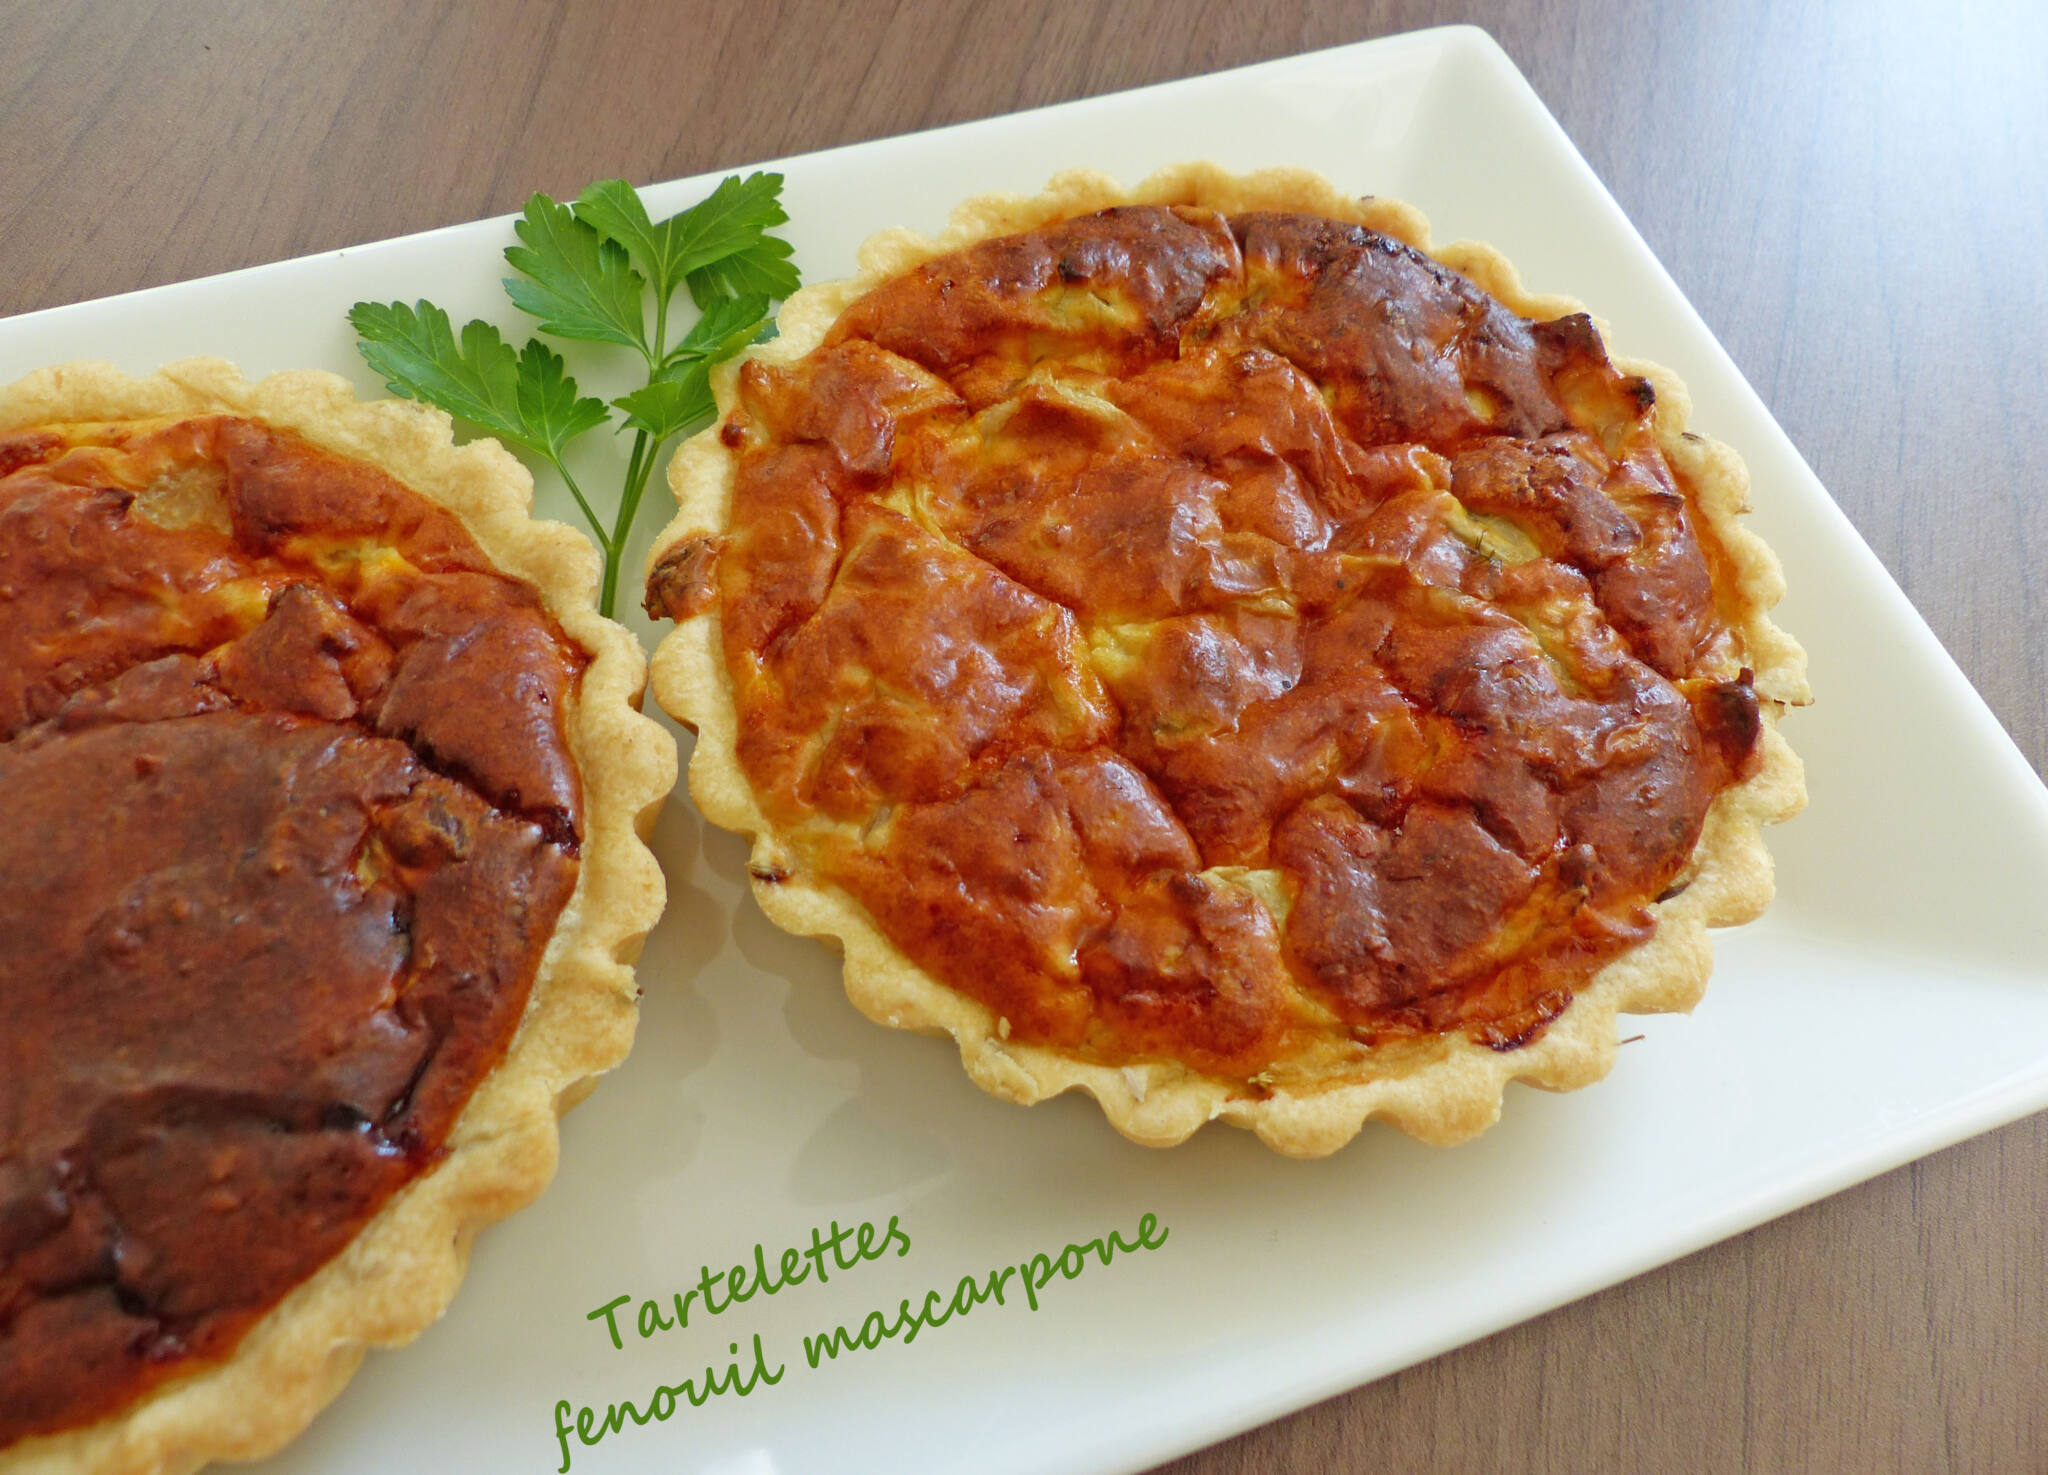 Tartelettes fenouil mascarponeP1240372 R